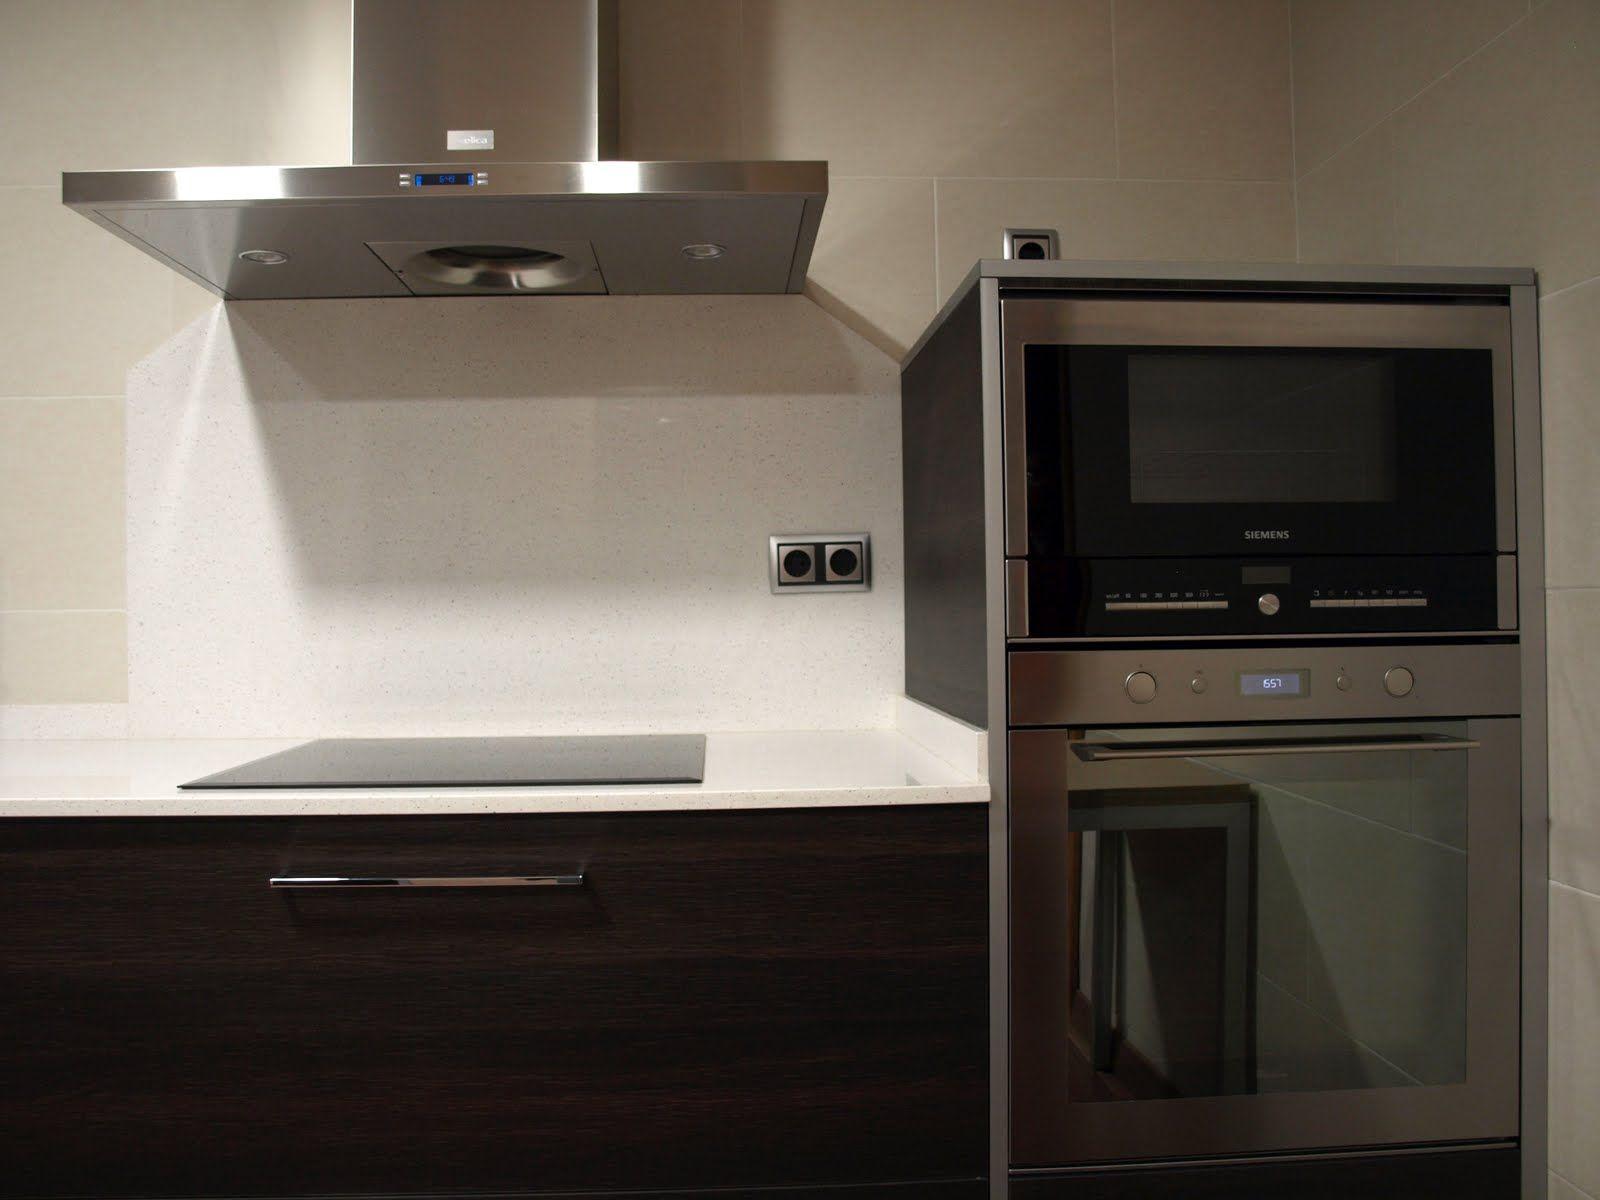 Cocinas con microondas integrado buscar con google - Microondas de diseno ...